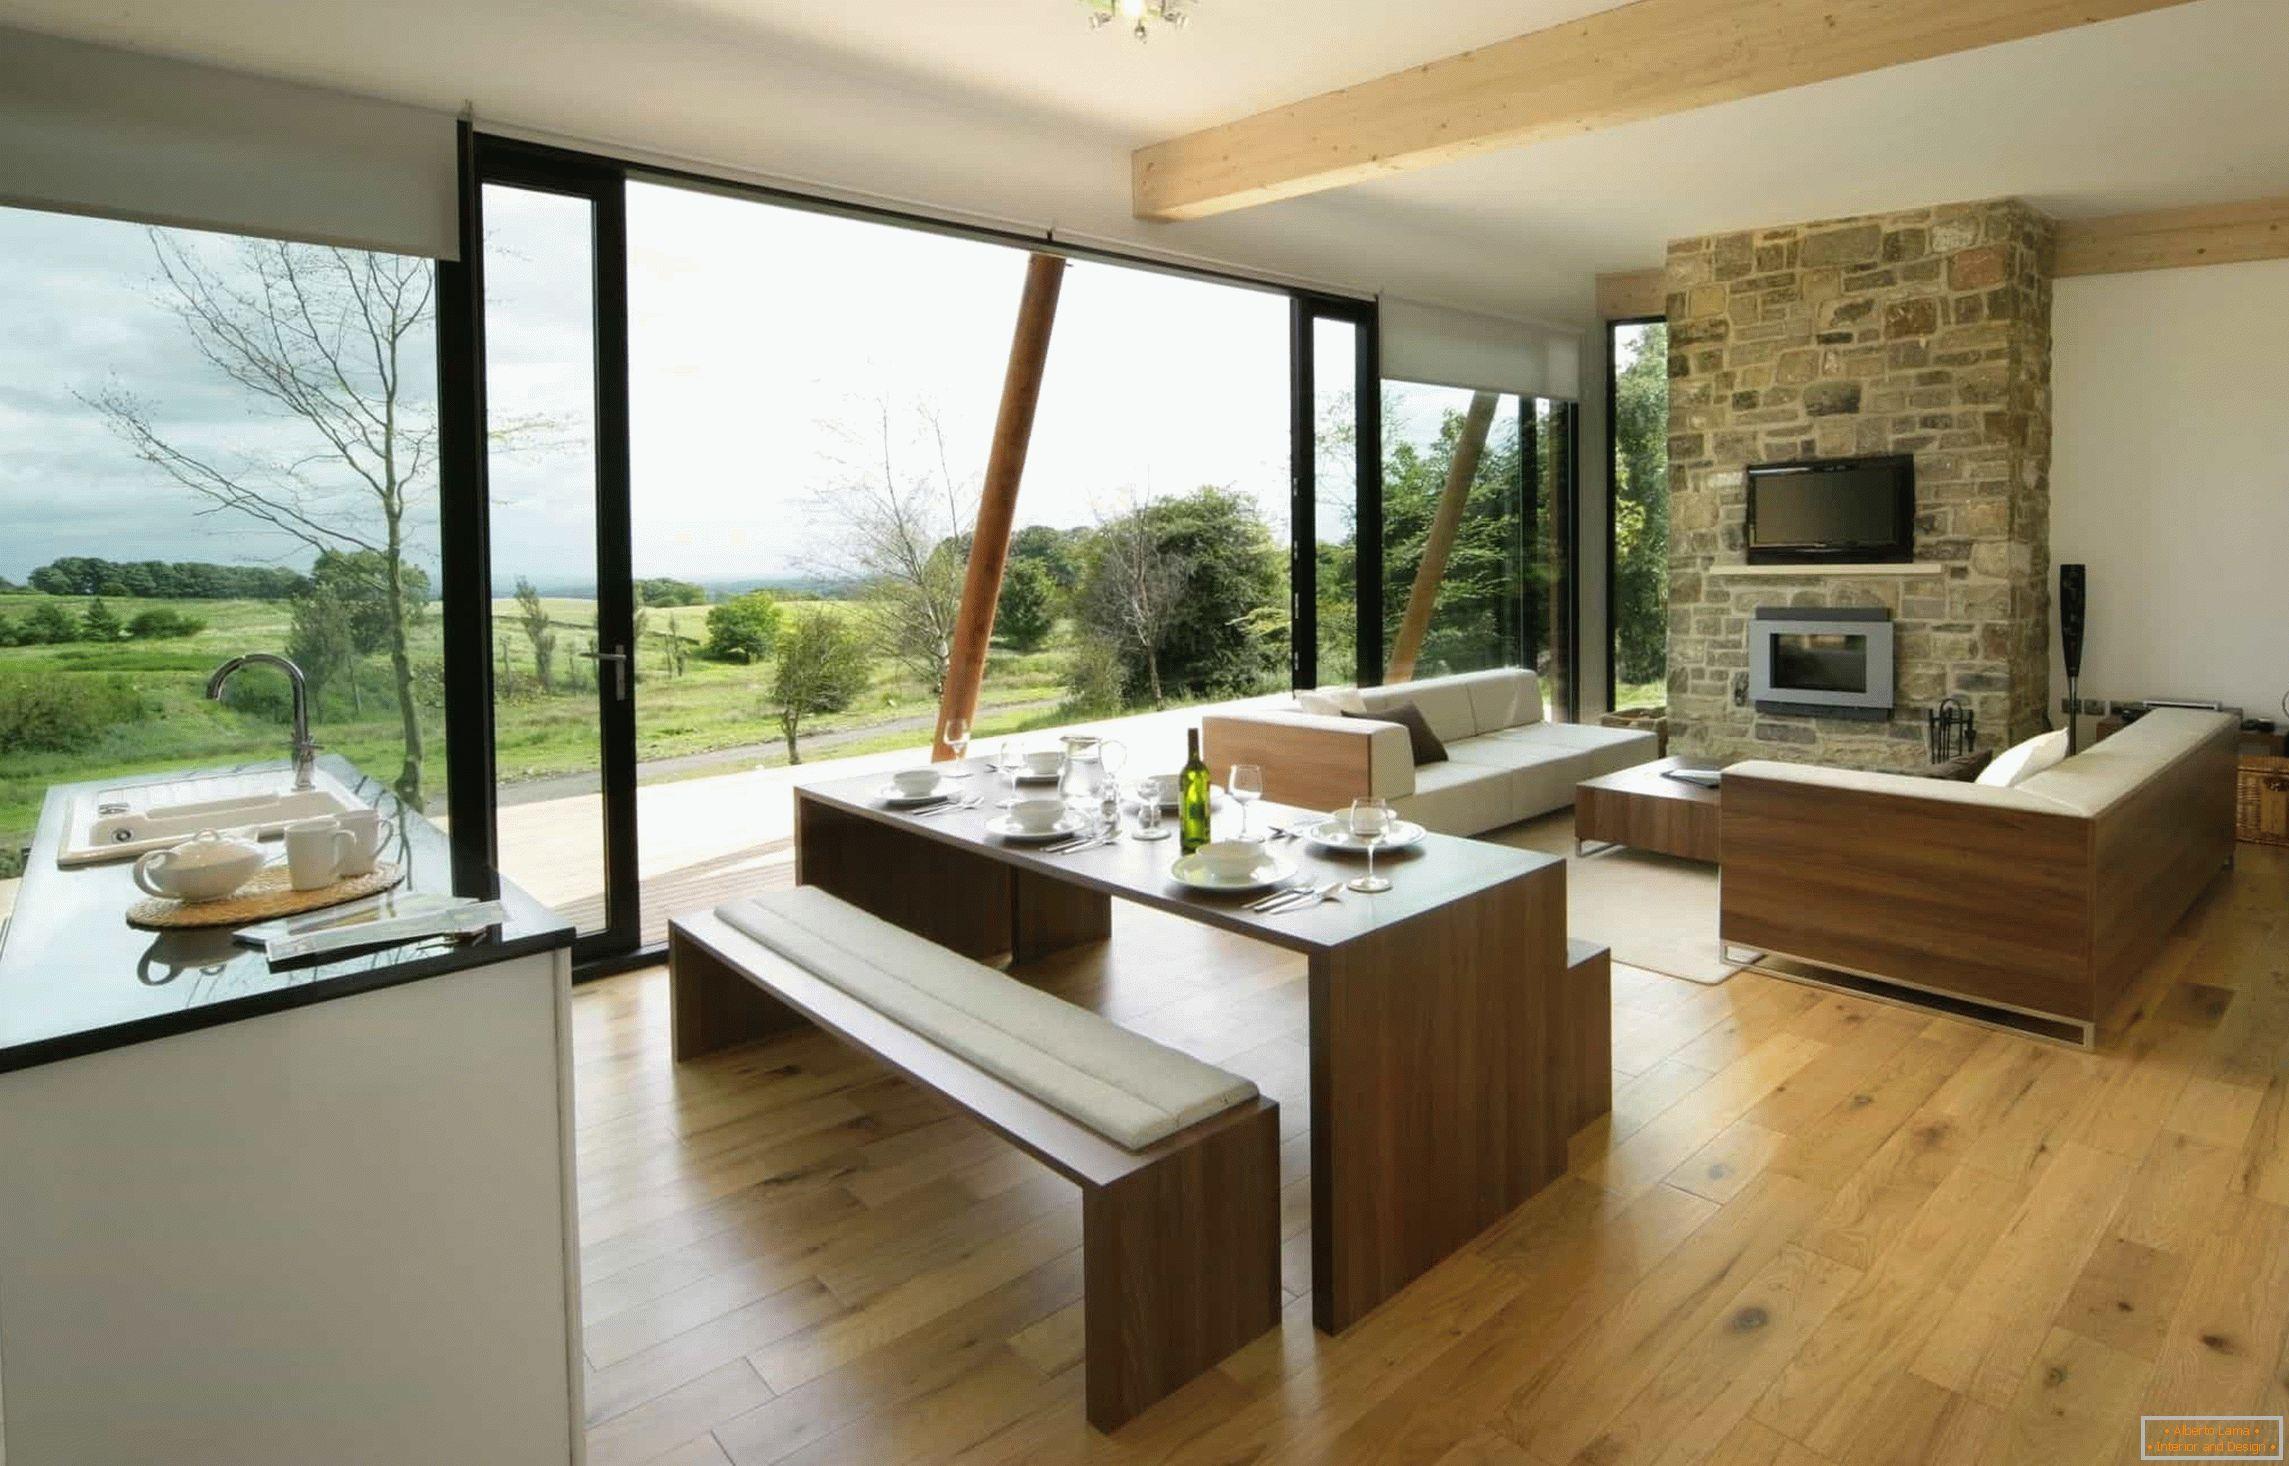 Küche-esszimmer-wohnzimmer design: 25 fotos in einem